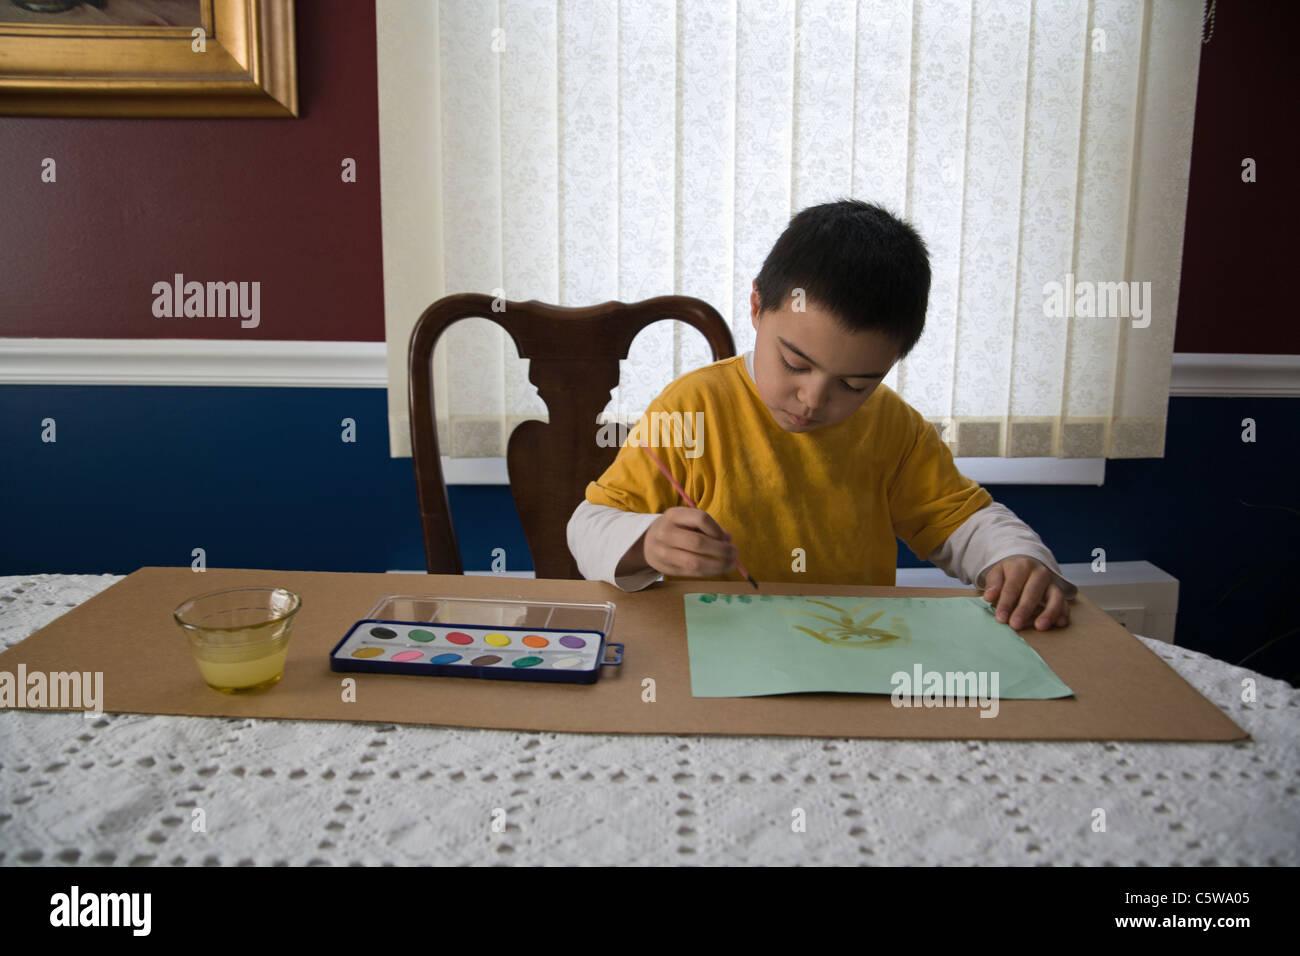 Niño de 6 años de pintar una imagen en la mesa de comedor Imagen De Stock